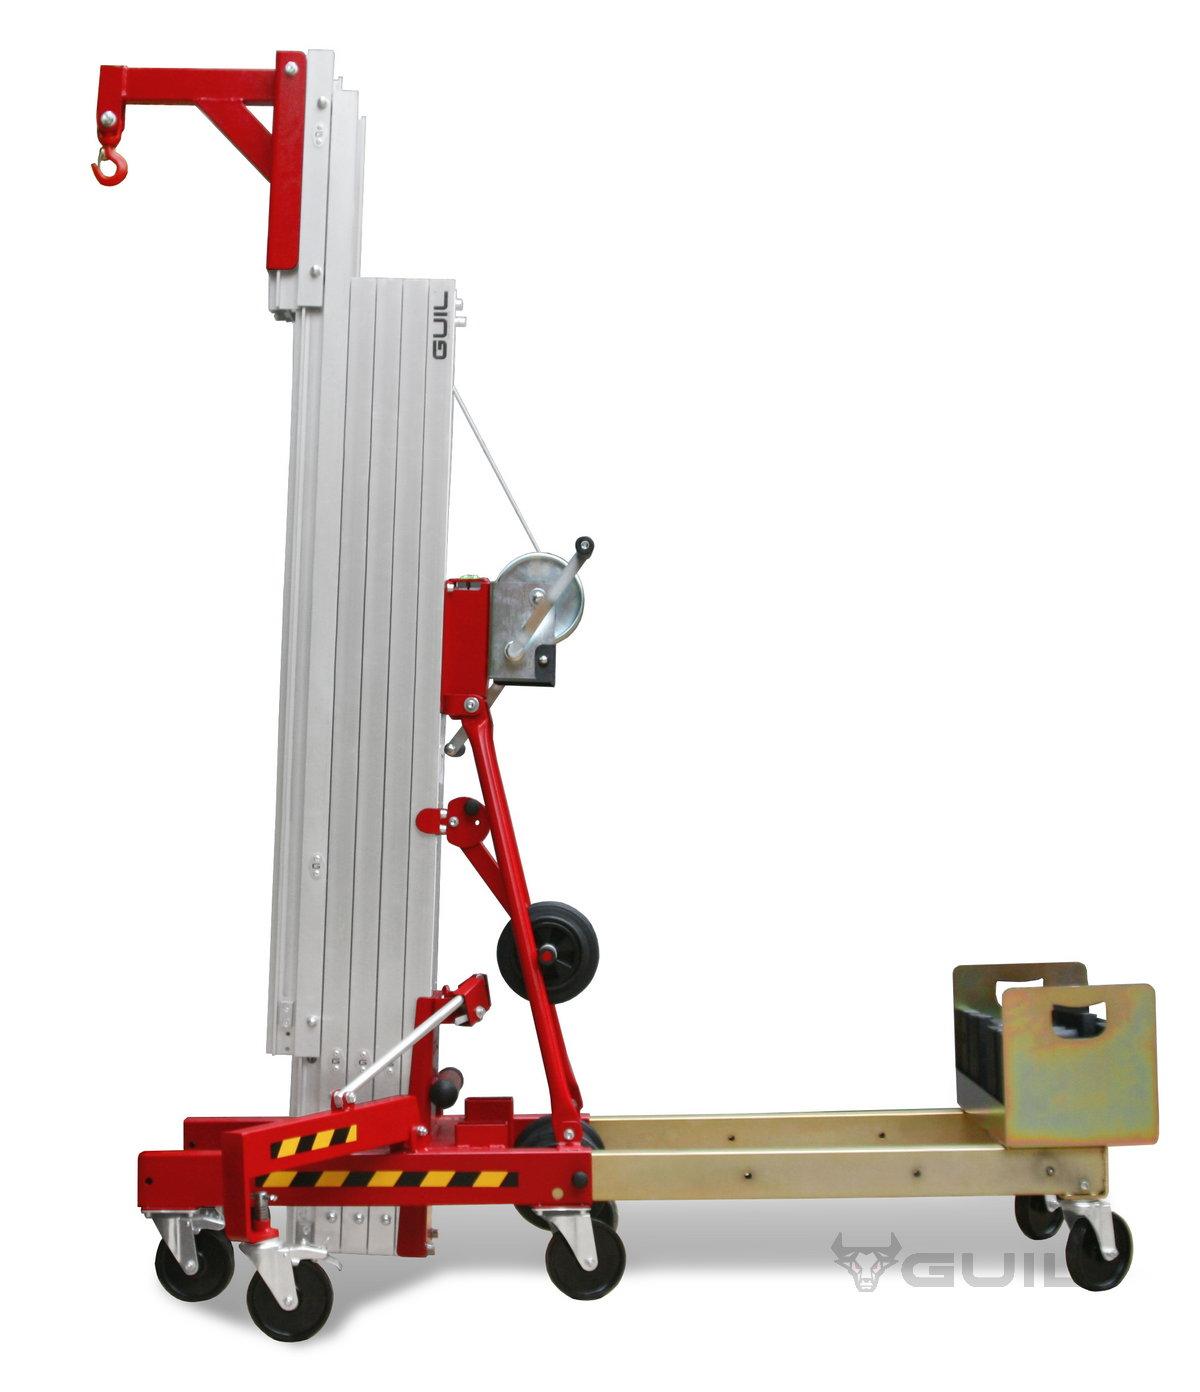 Kanaallift 8,00 m 350 kg (9)